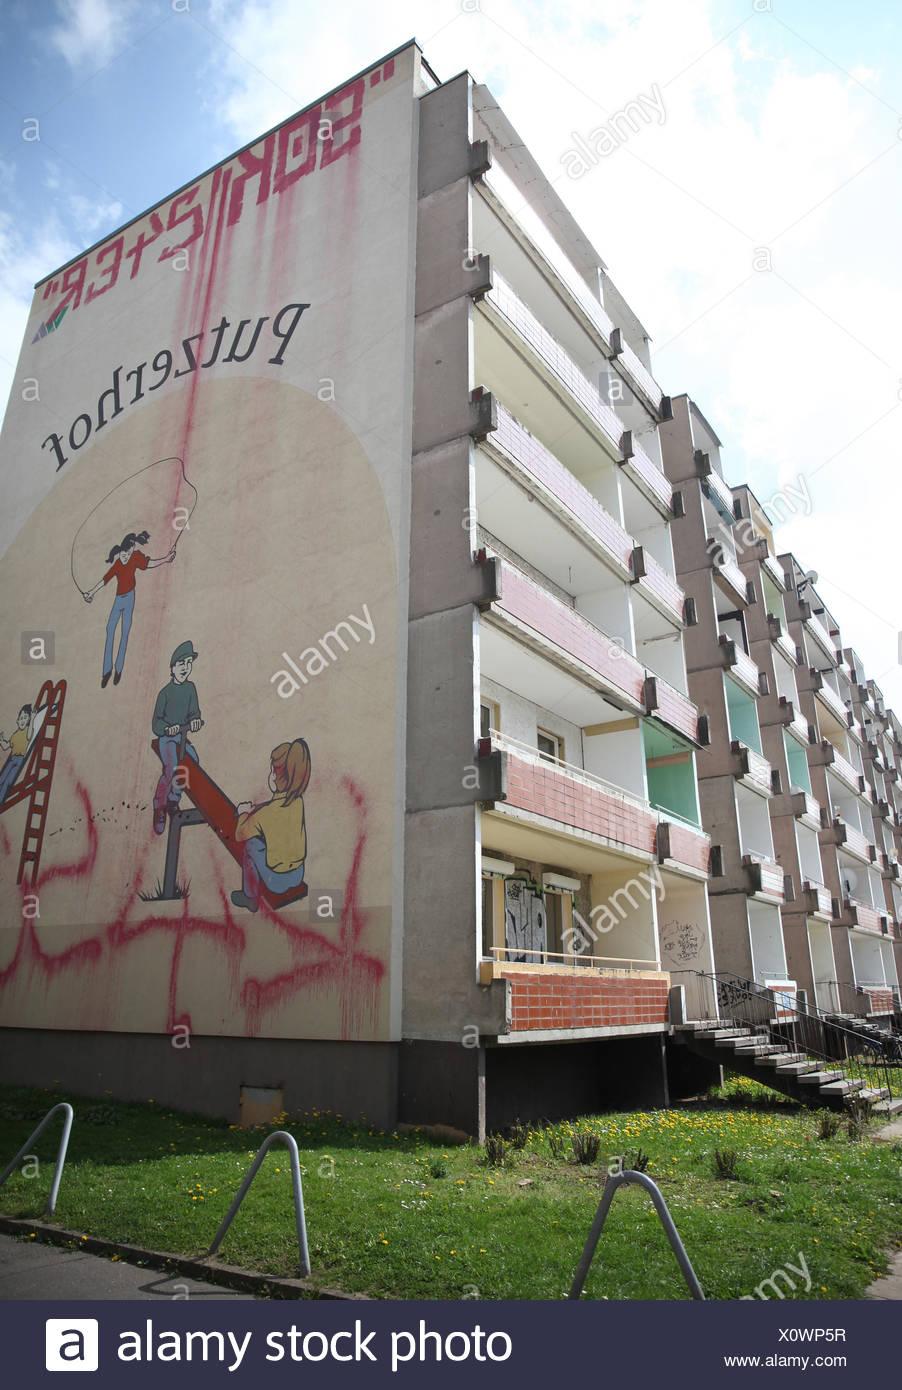 Refugee shelter in Magdeburg - Stock Image